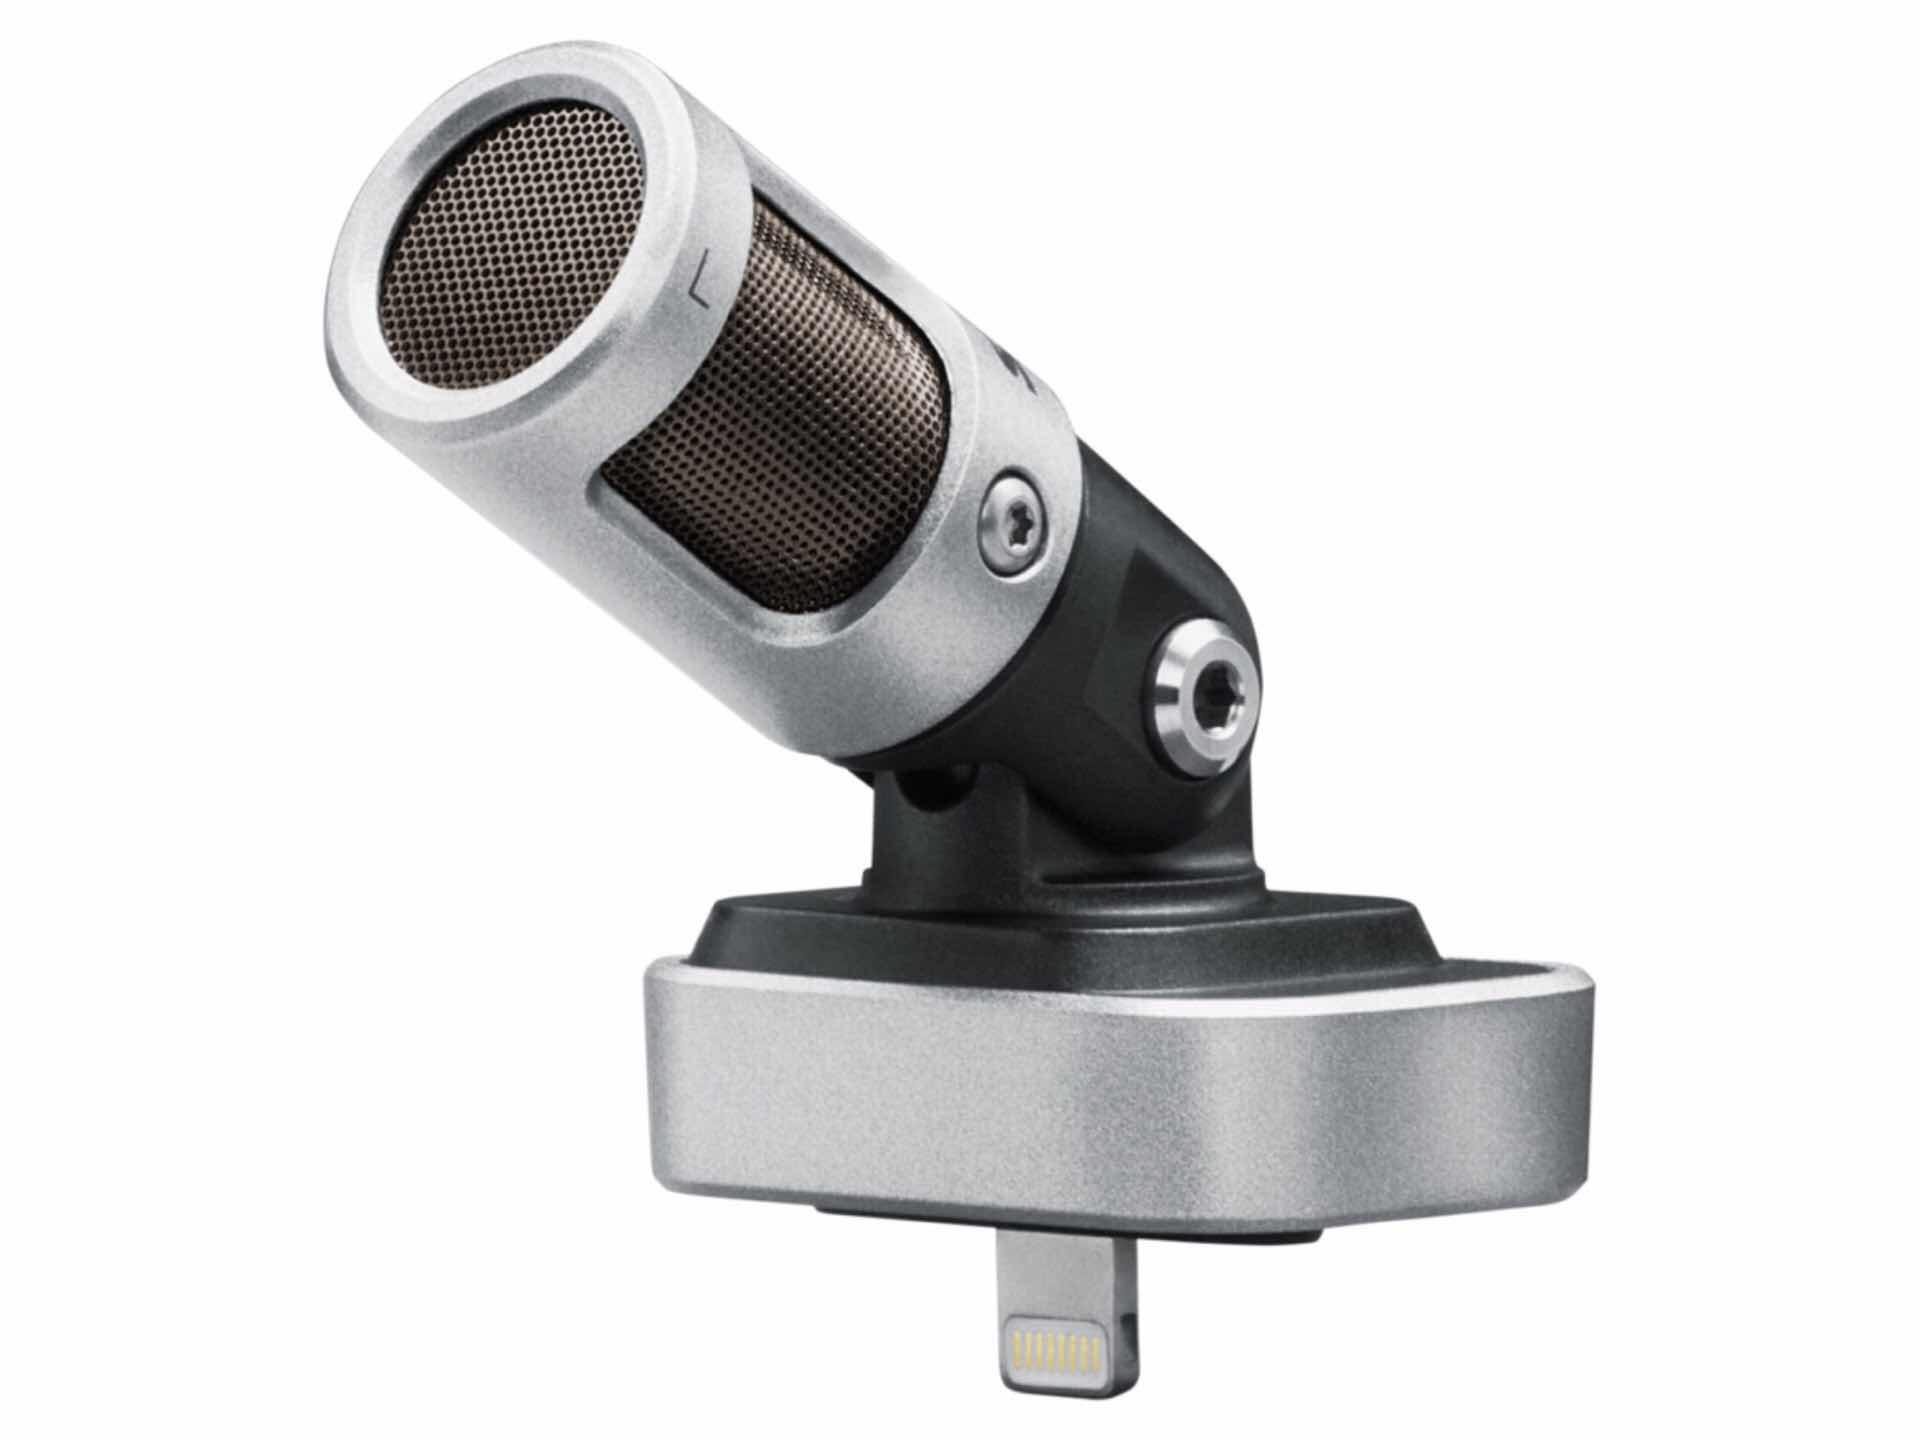 shure-mv88-ios-digital-stereo-condenser-microphone